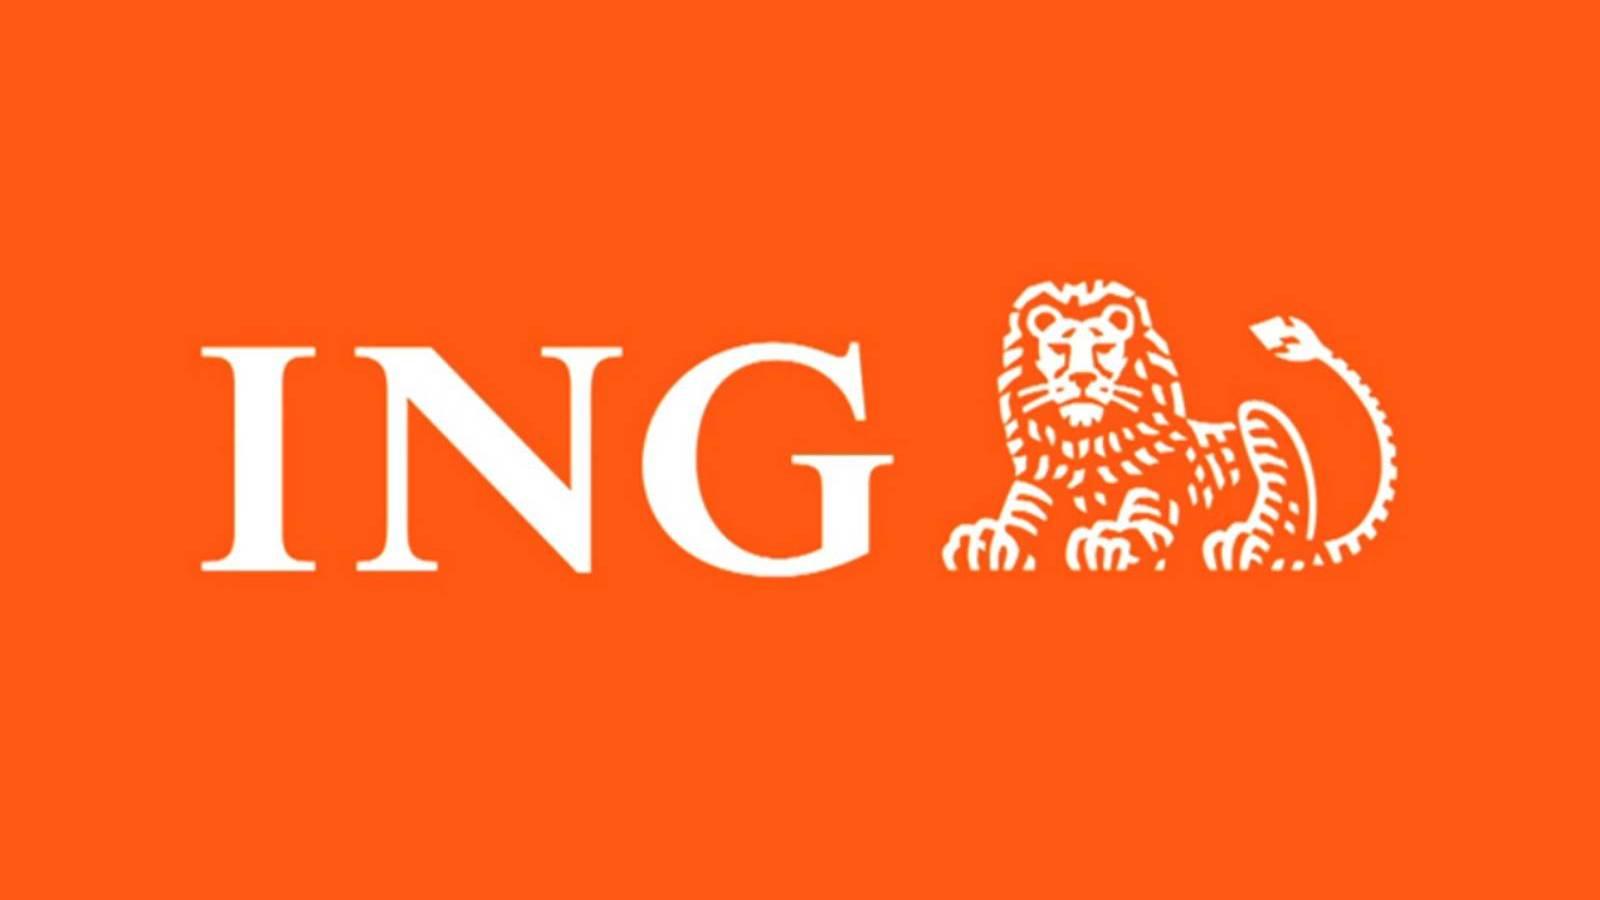 ING Bank petitie